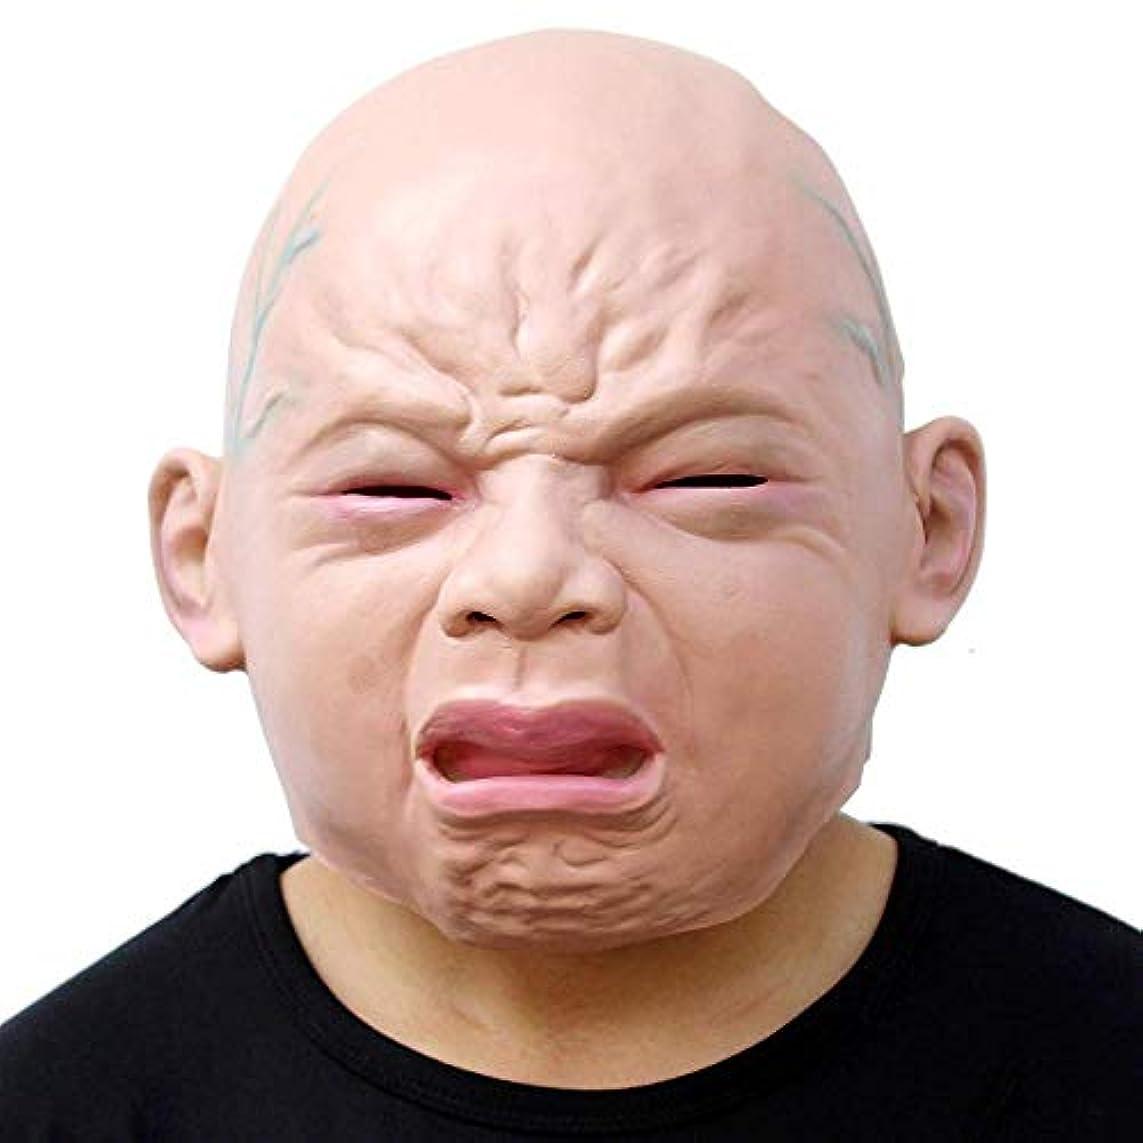 廊下機械柔らかいノベルティハロウィーンコスチュームパーティーラテックスヘッドマスク赤ちゃんの顔、パーティーホラーコスプレ衣装の小道具-泣いている赤ちゃん、大人の子